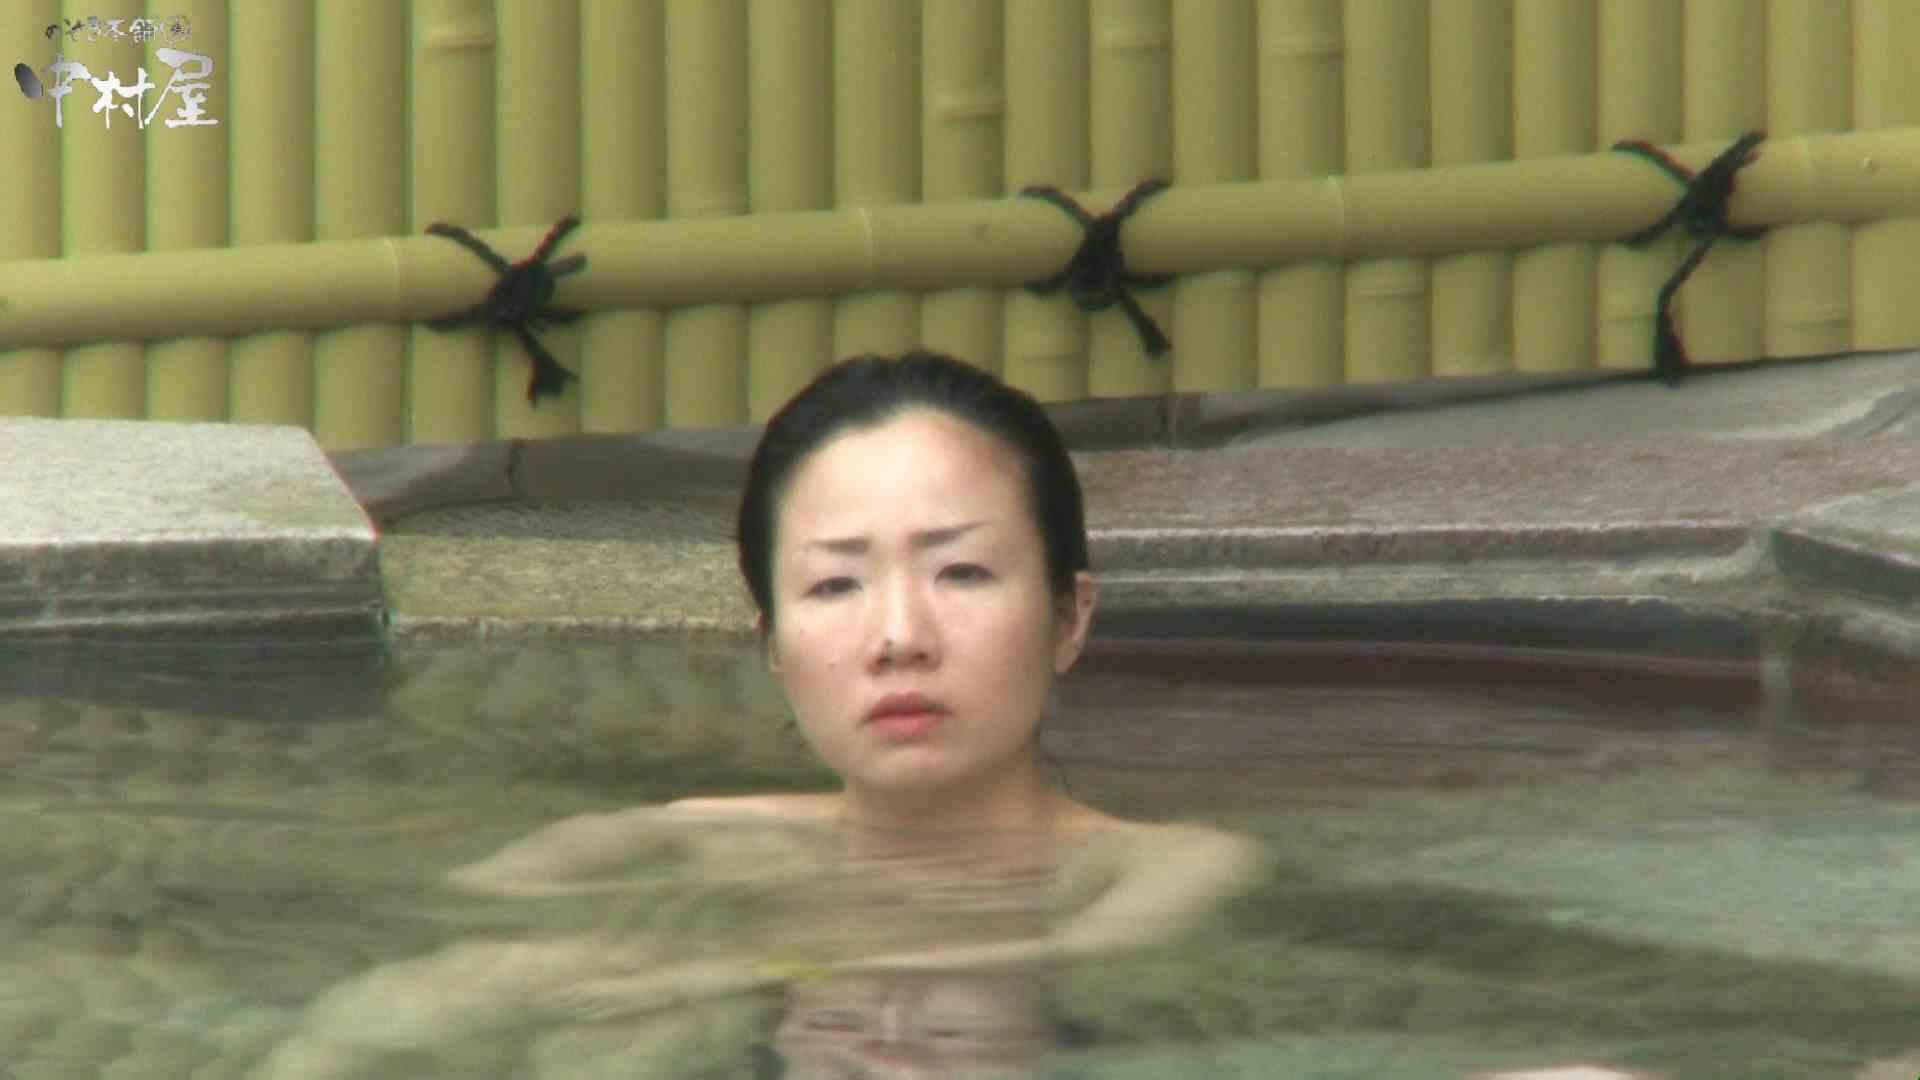 Aquaな露天風呂Vol.950 OLセックス 盗撮AV動画キャプチャ 61画像 2